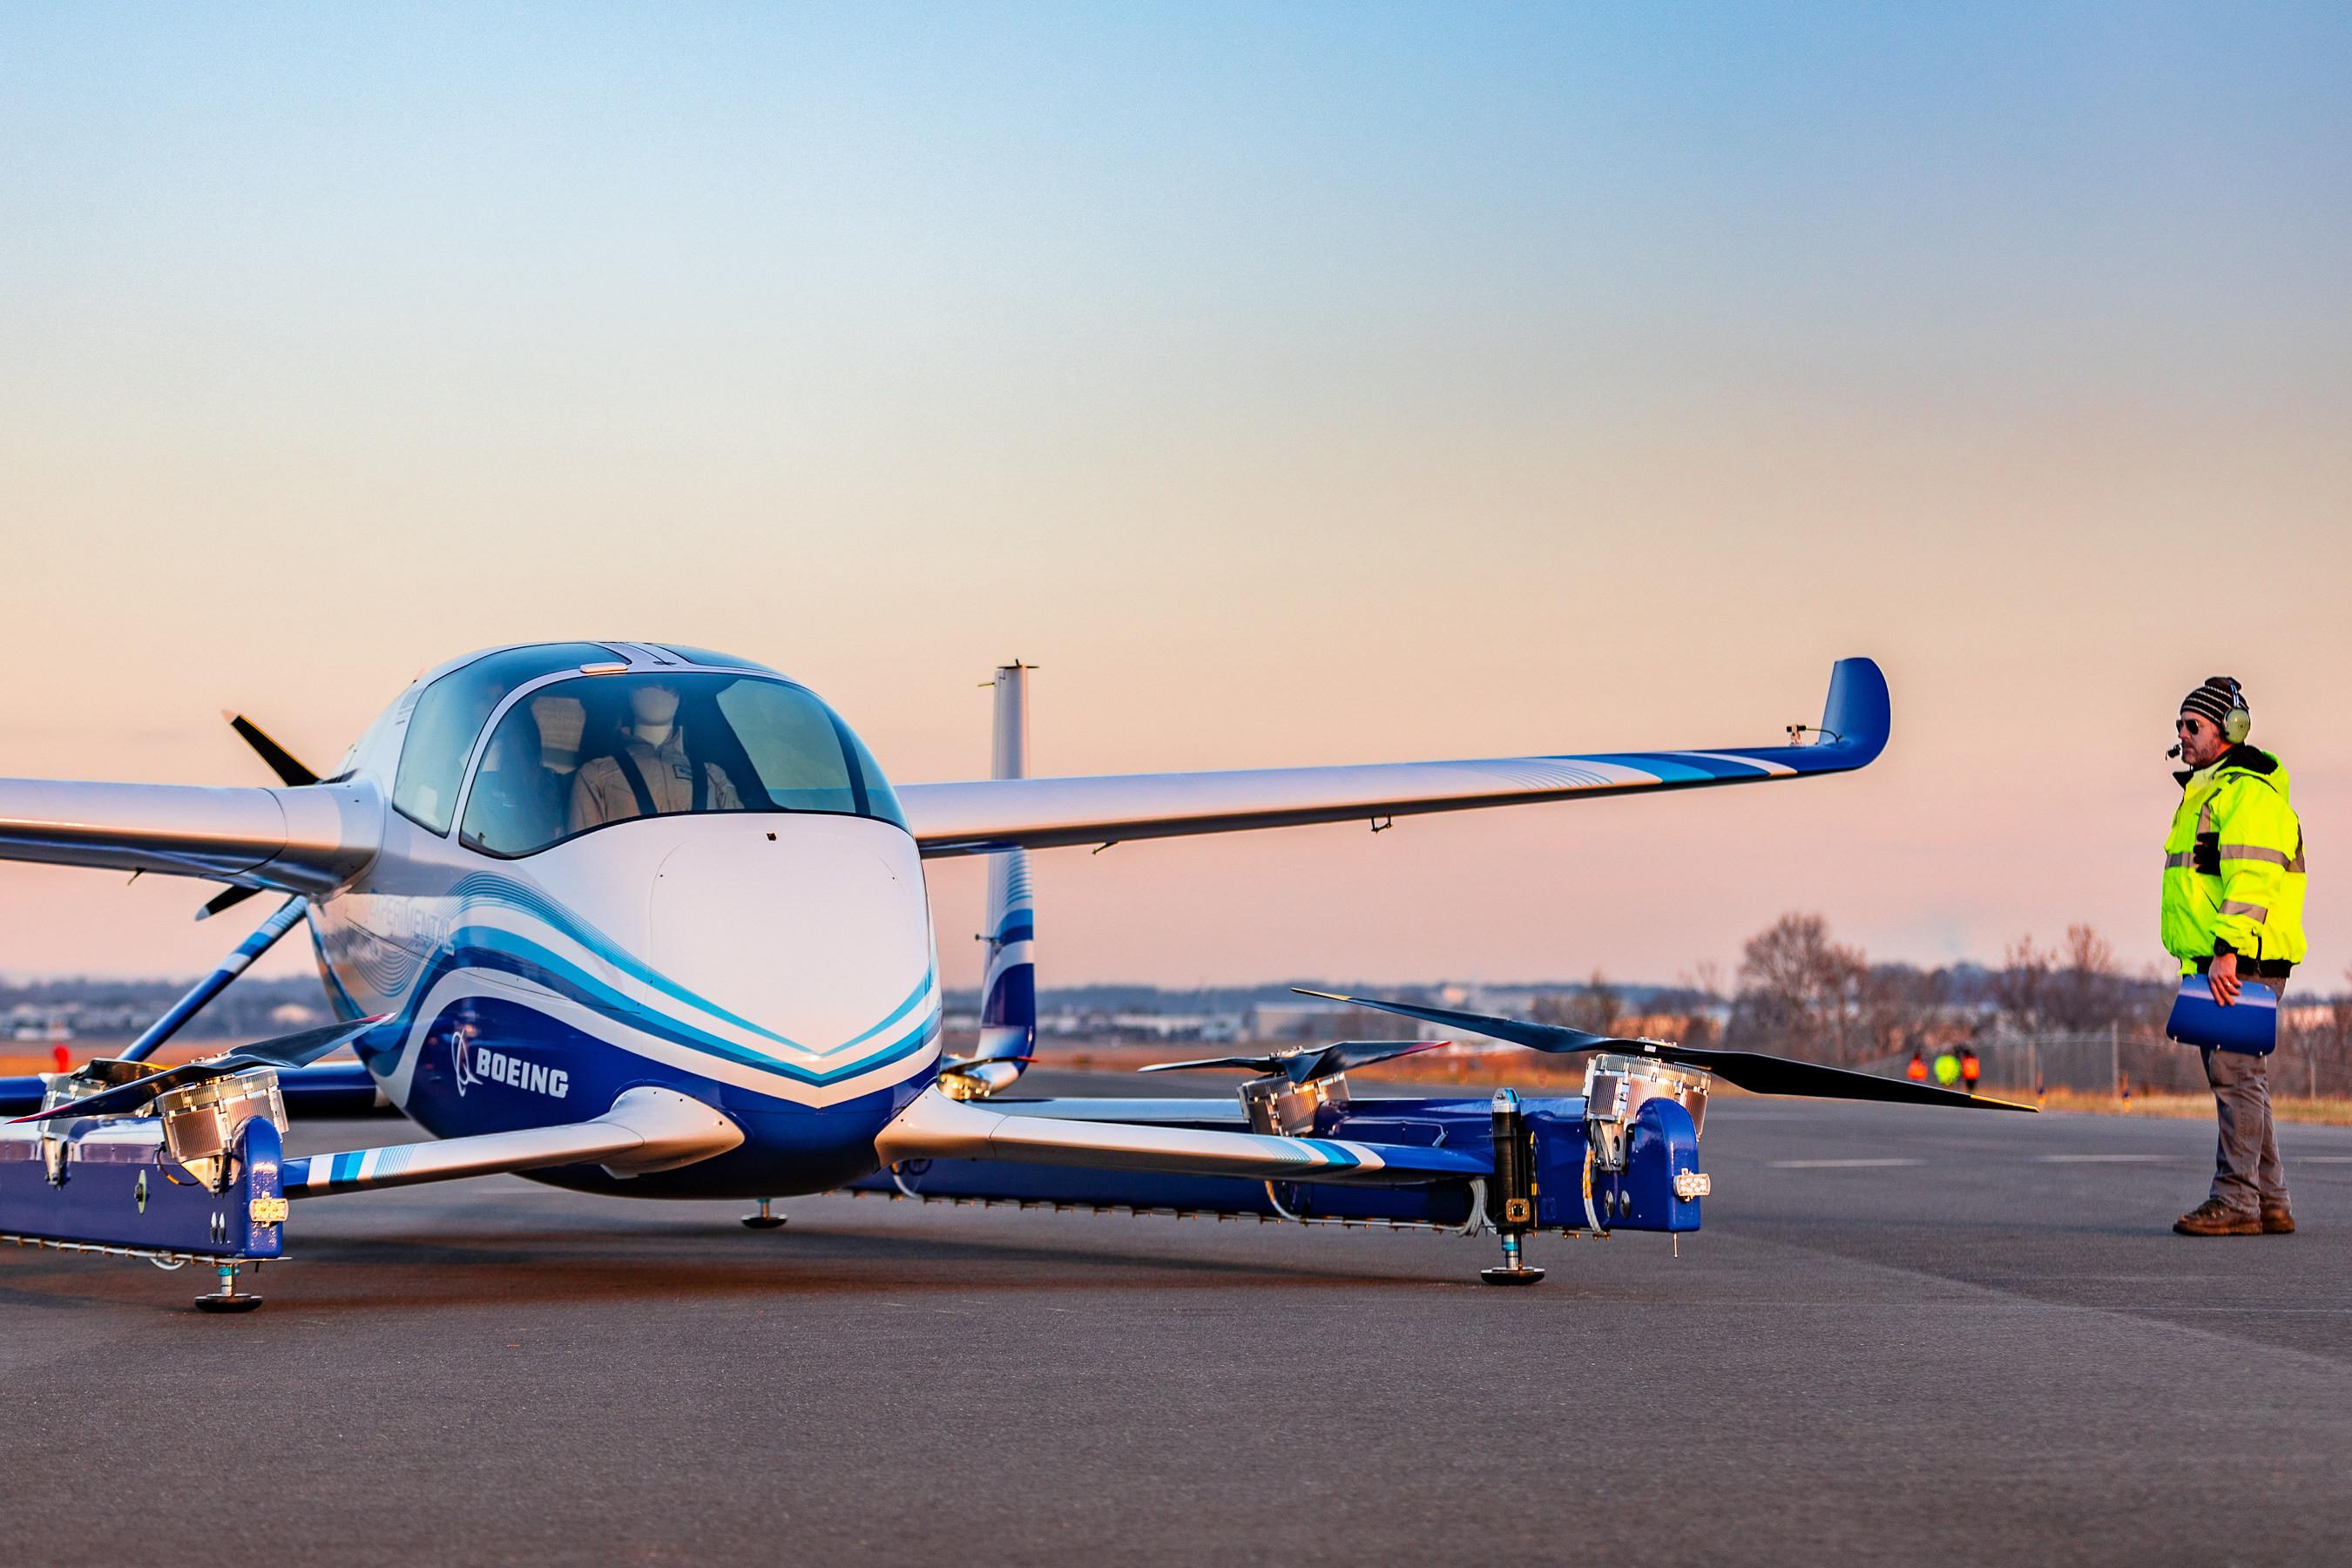 Le taxi volant autonome de Boeing prend l'air